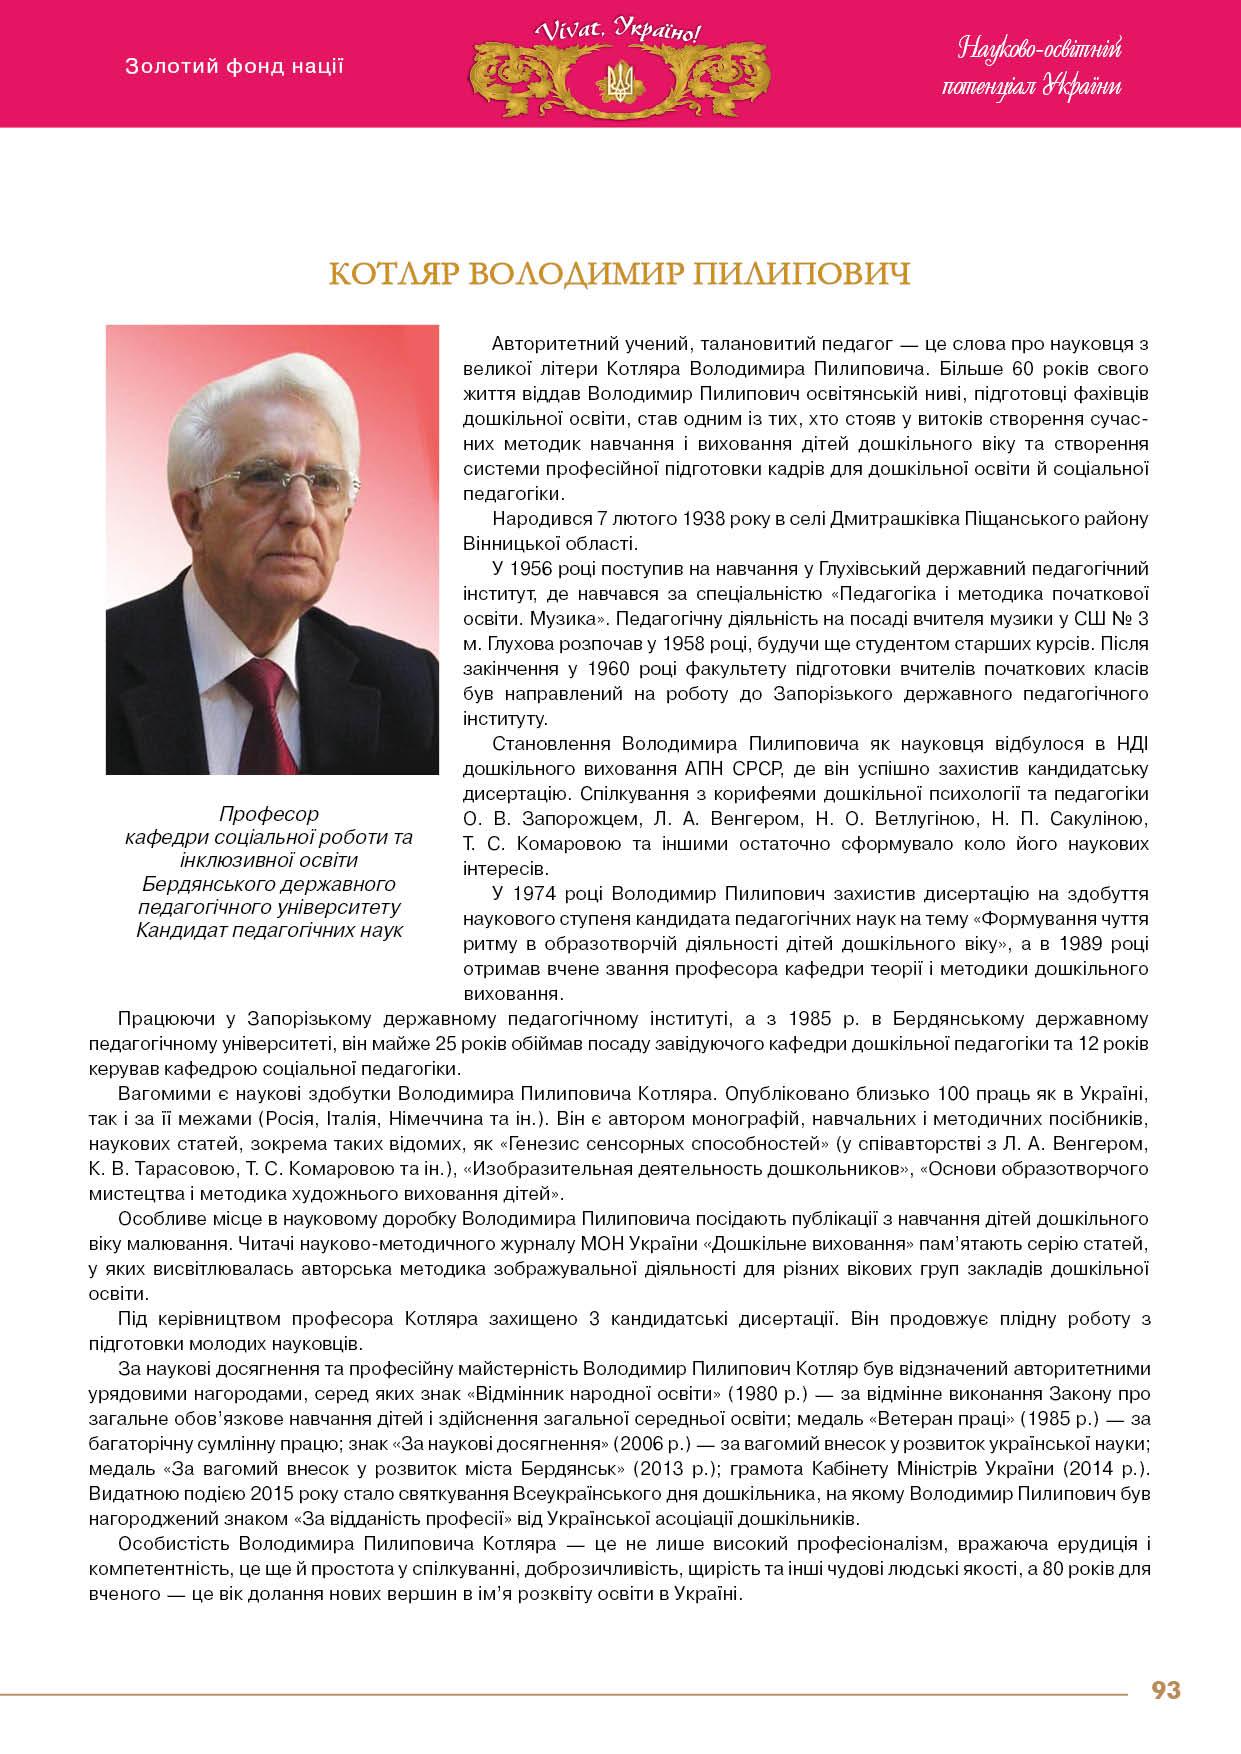 Котляр Володимир Пилипович